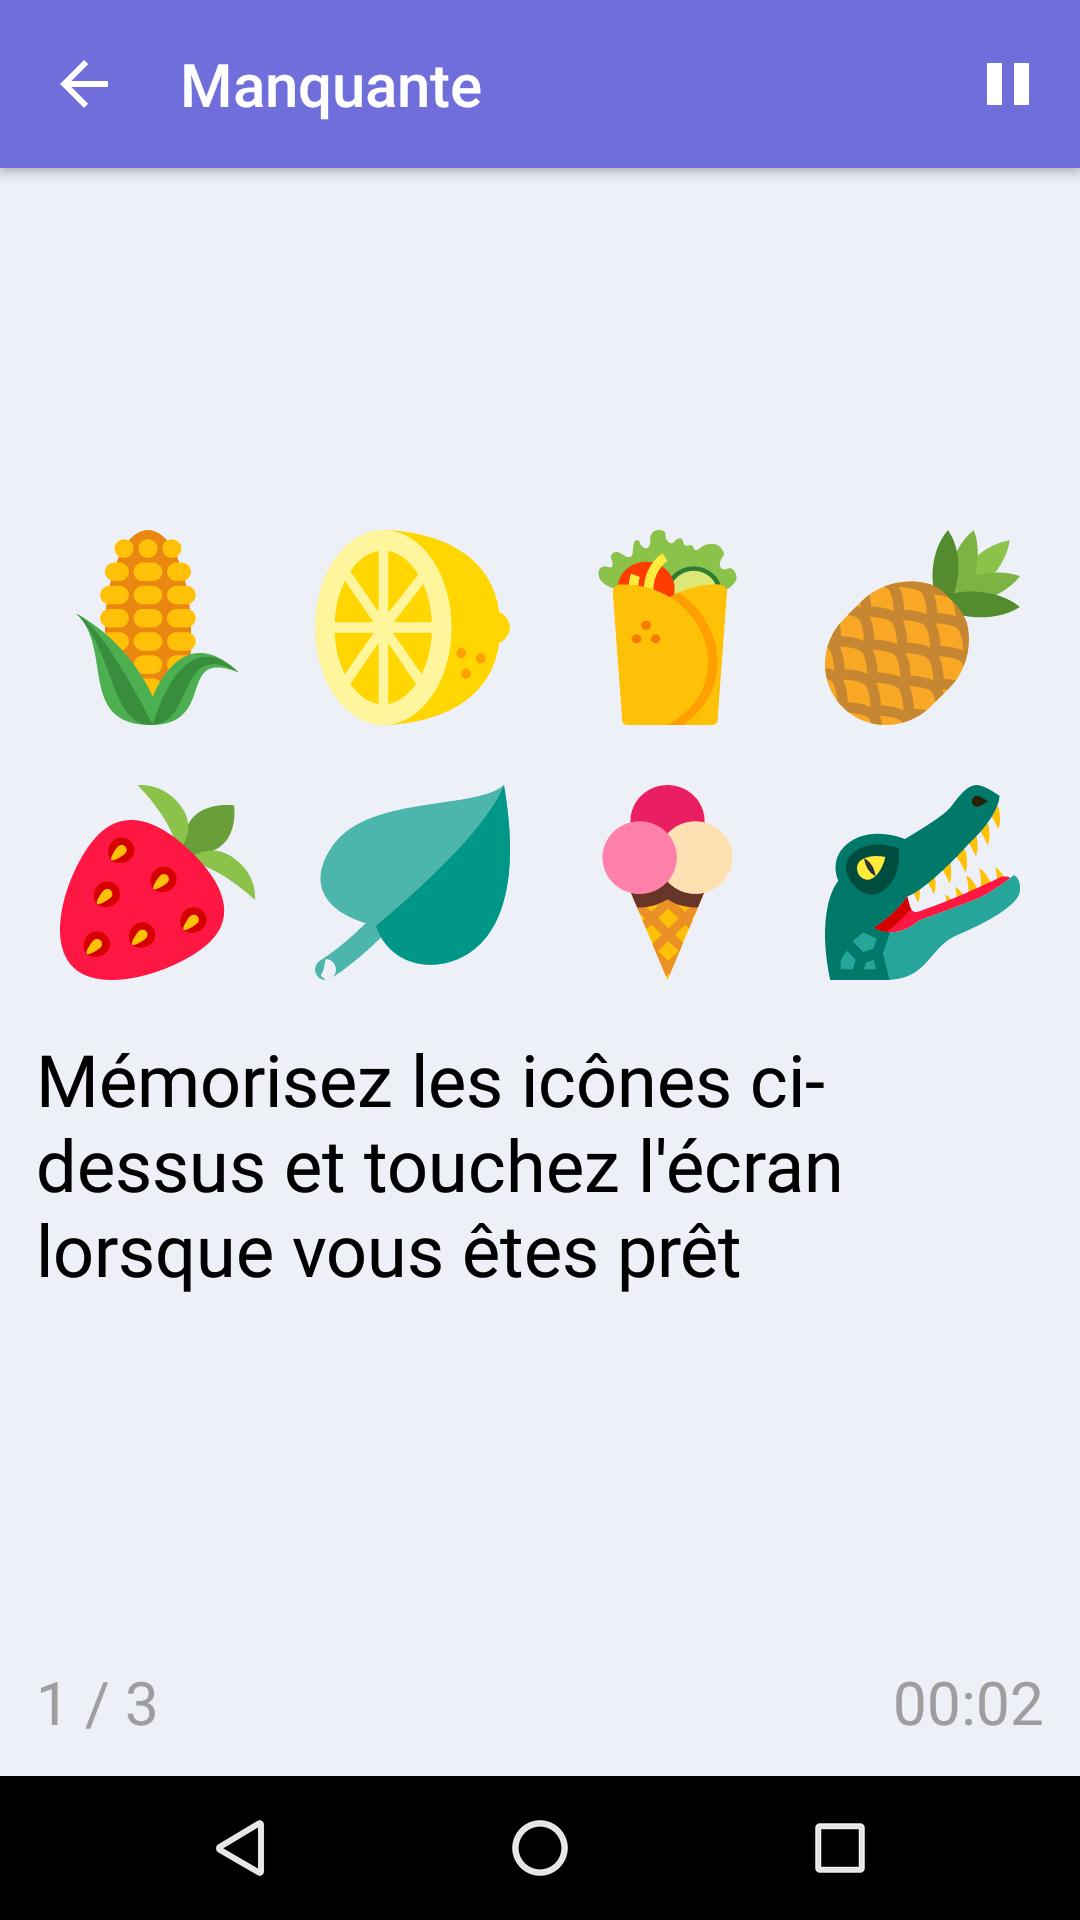 Manquante : Jeu De Mémoire Gratuit Pour Iphone & Android encequiconcerne Jeux Gratuit De Memoire